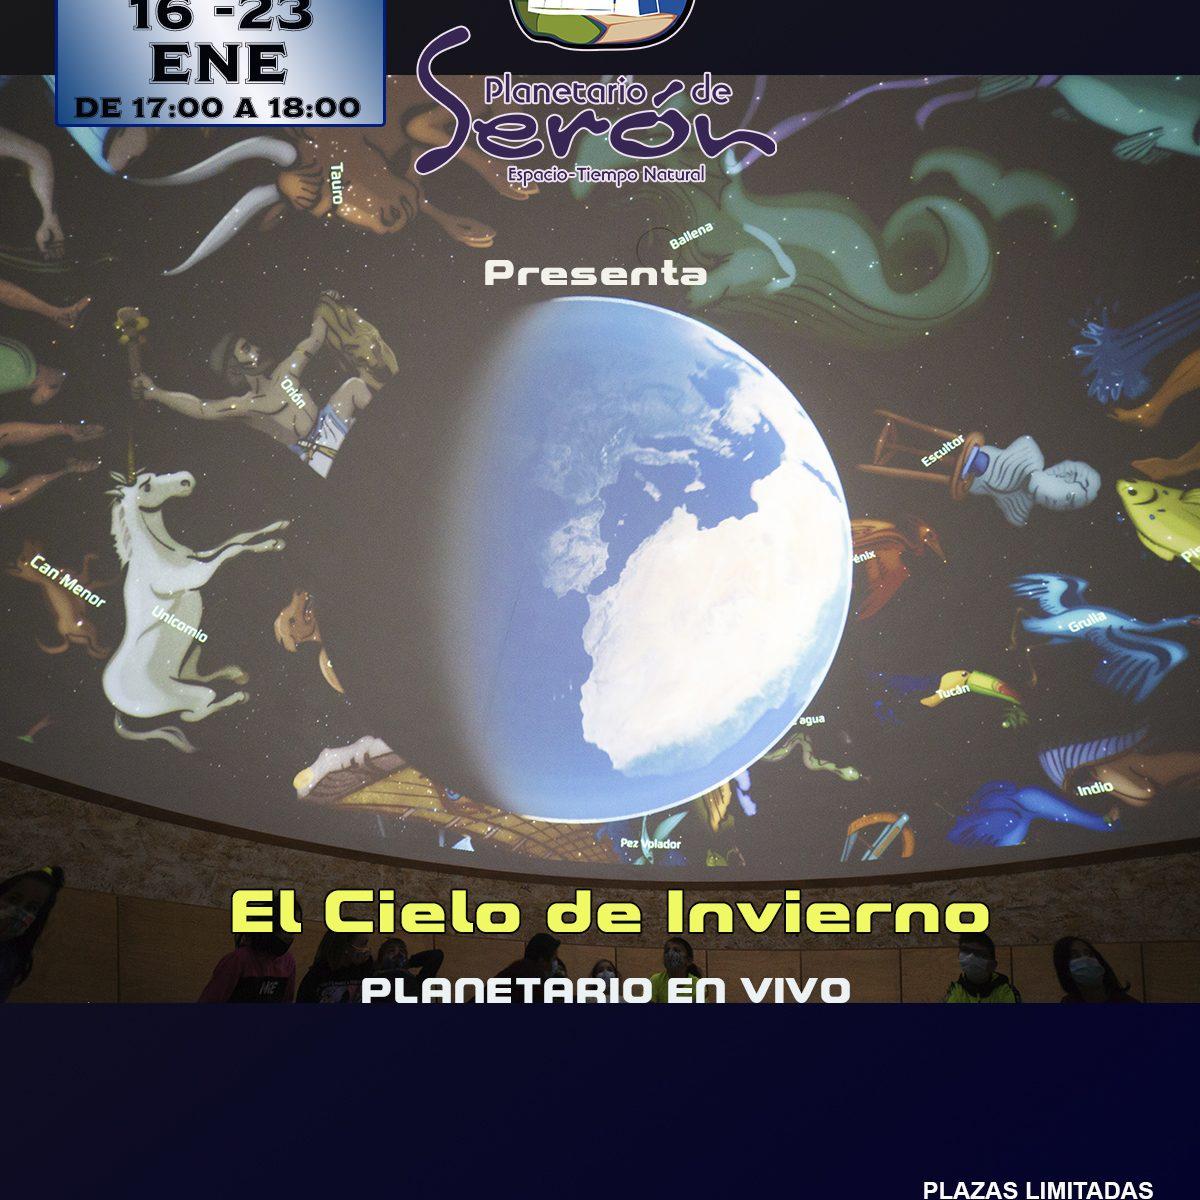 El Cielo de Invierno: Planetario